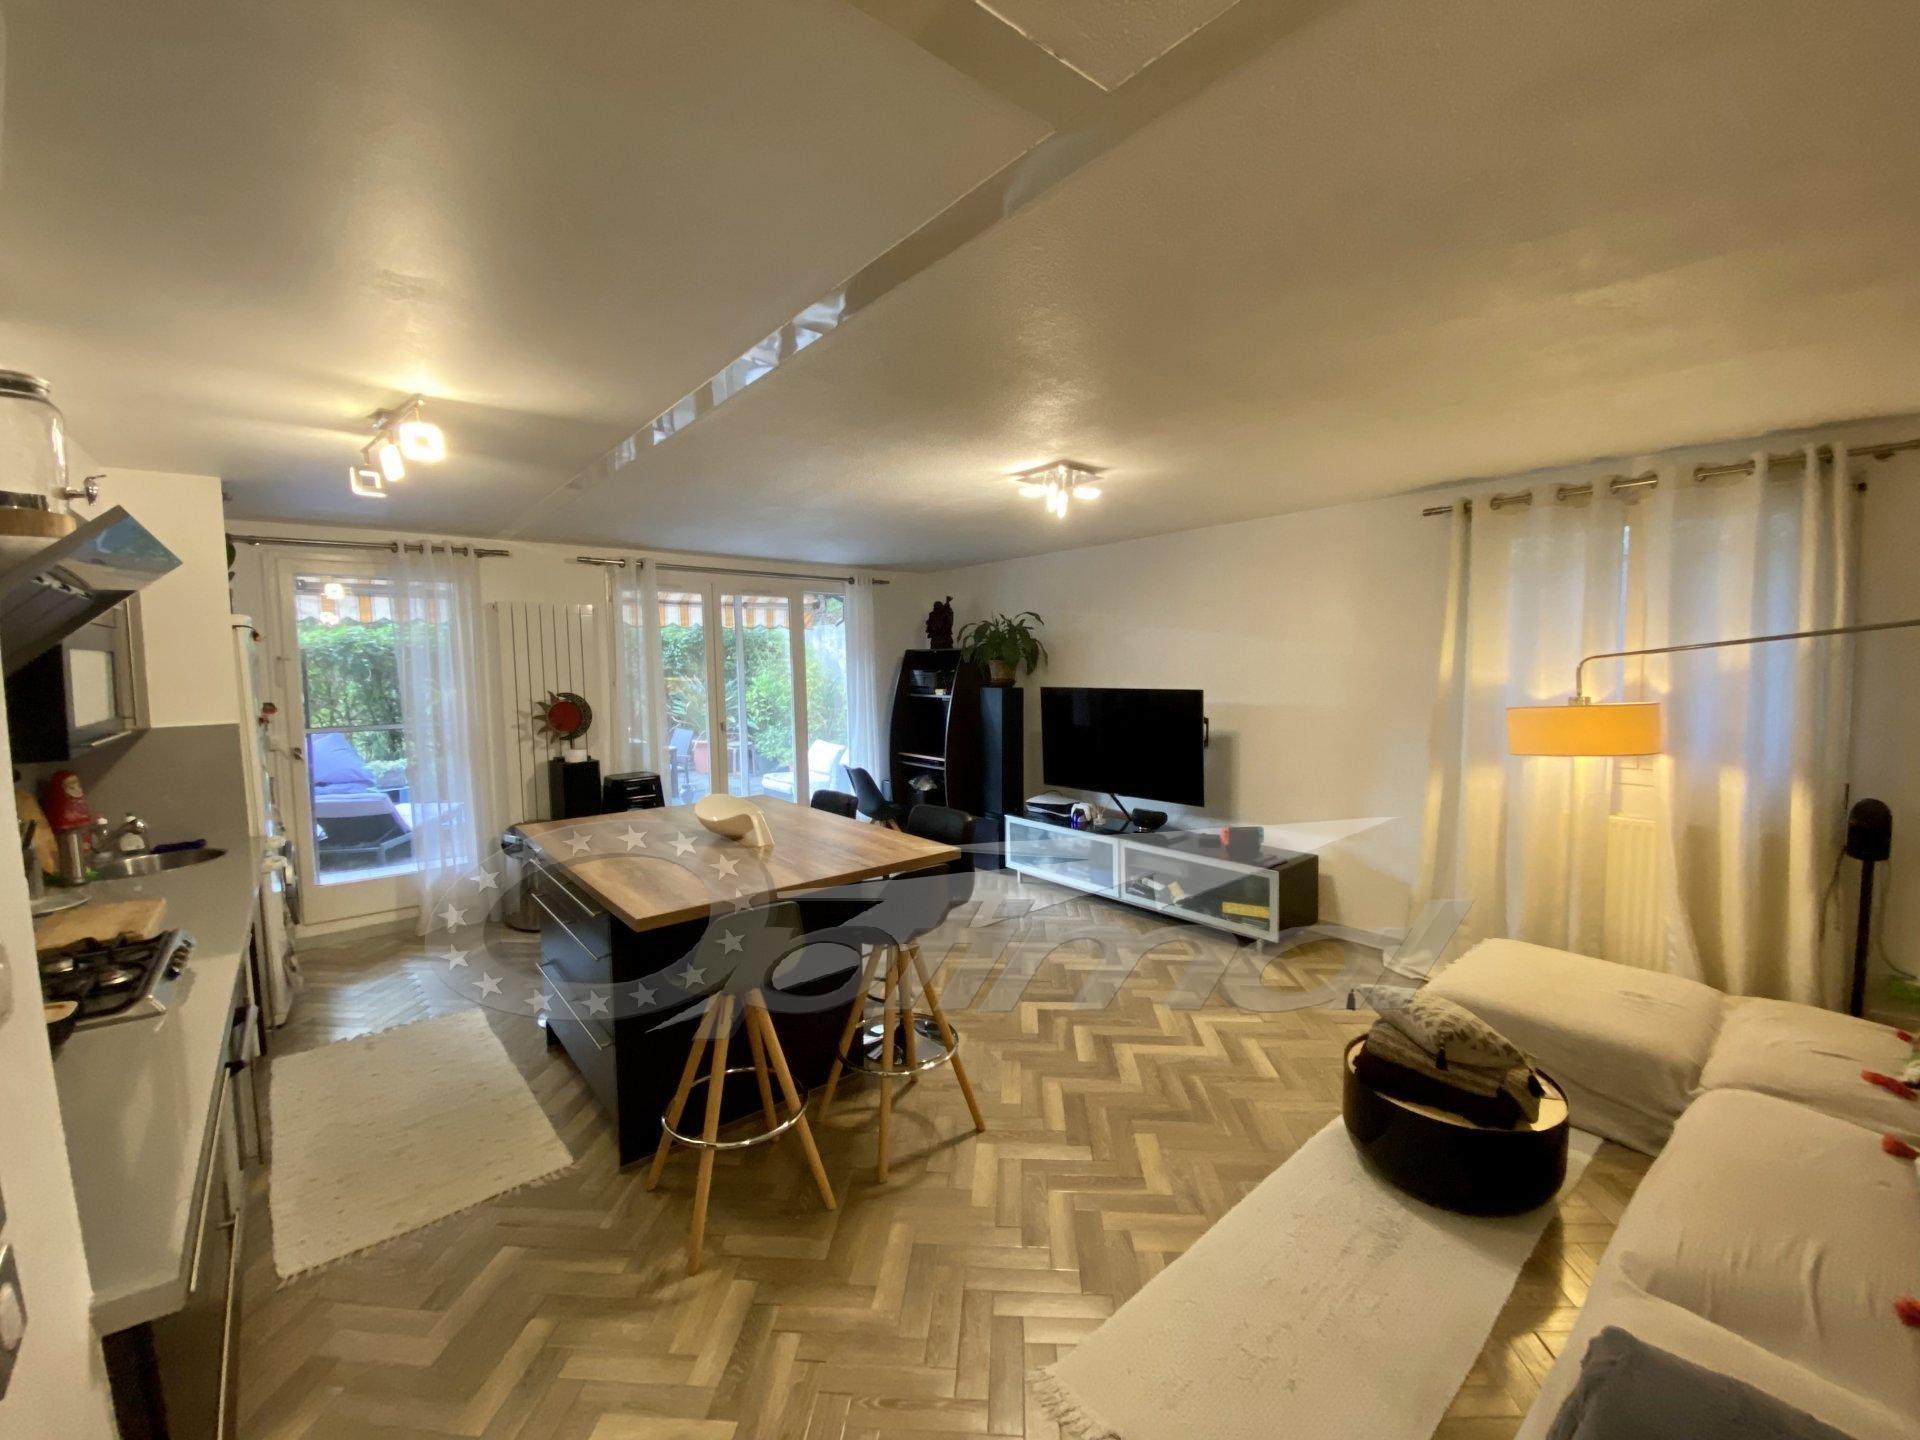 5 pièces 93.16m² , terrasse jardin + parking et cave